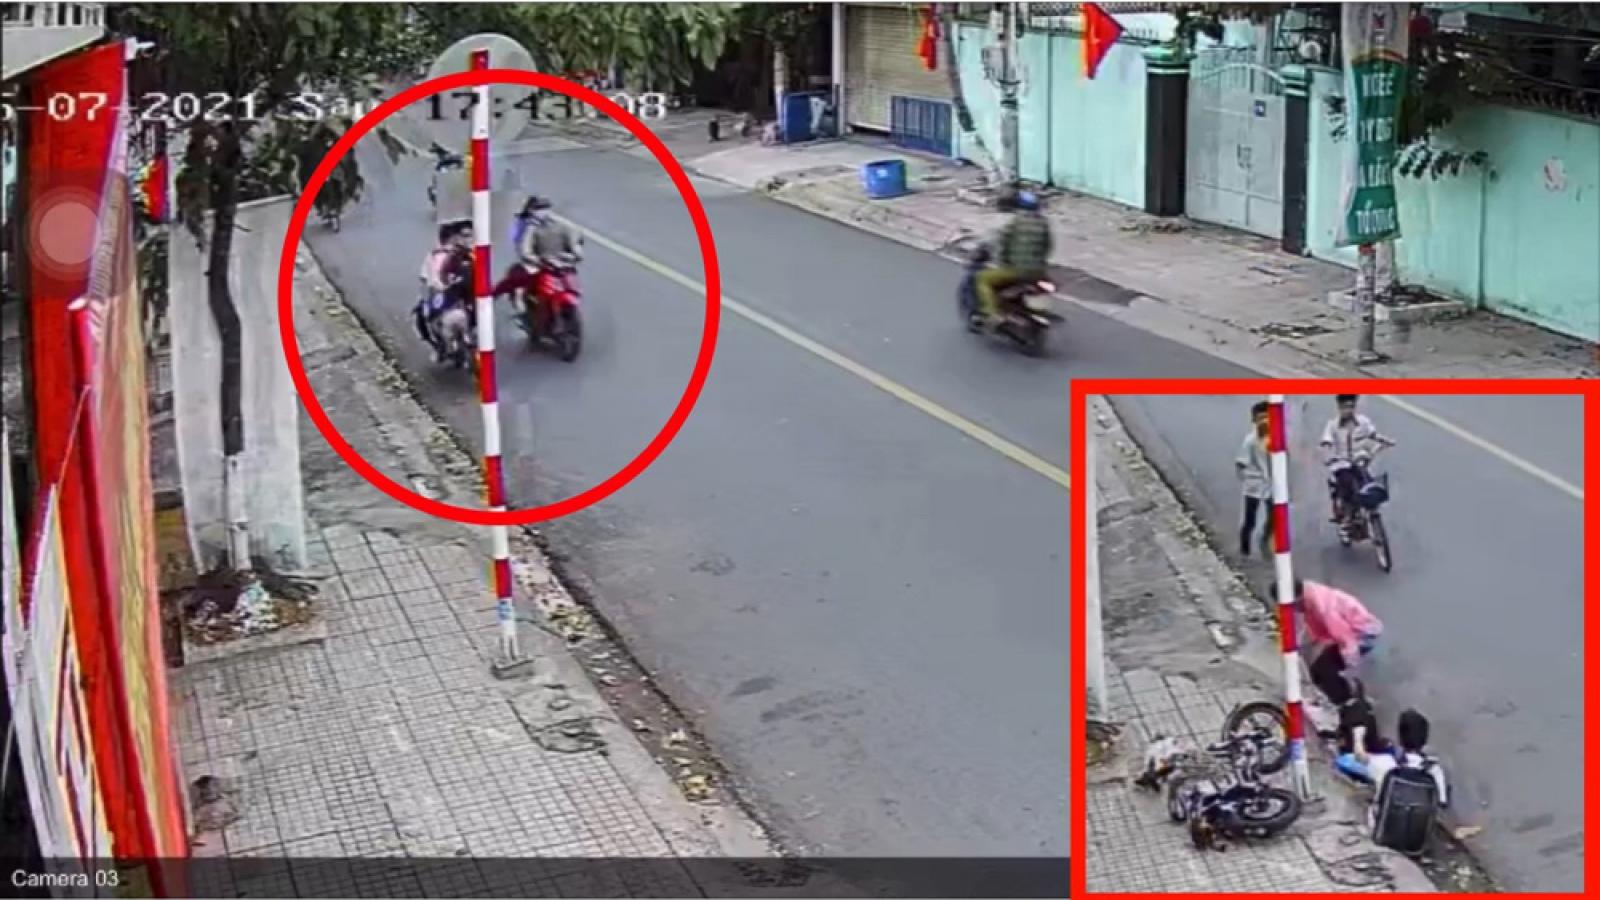 Lập biên bản vi phạm với đối tượng đi xe máy đạp ngã hai học sinh xuống đường